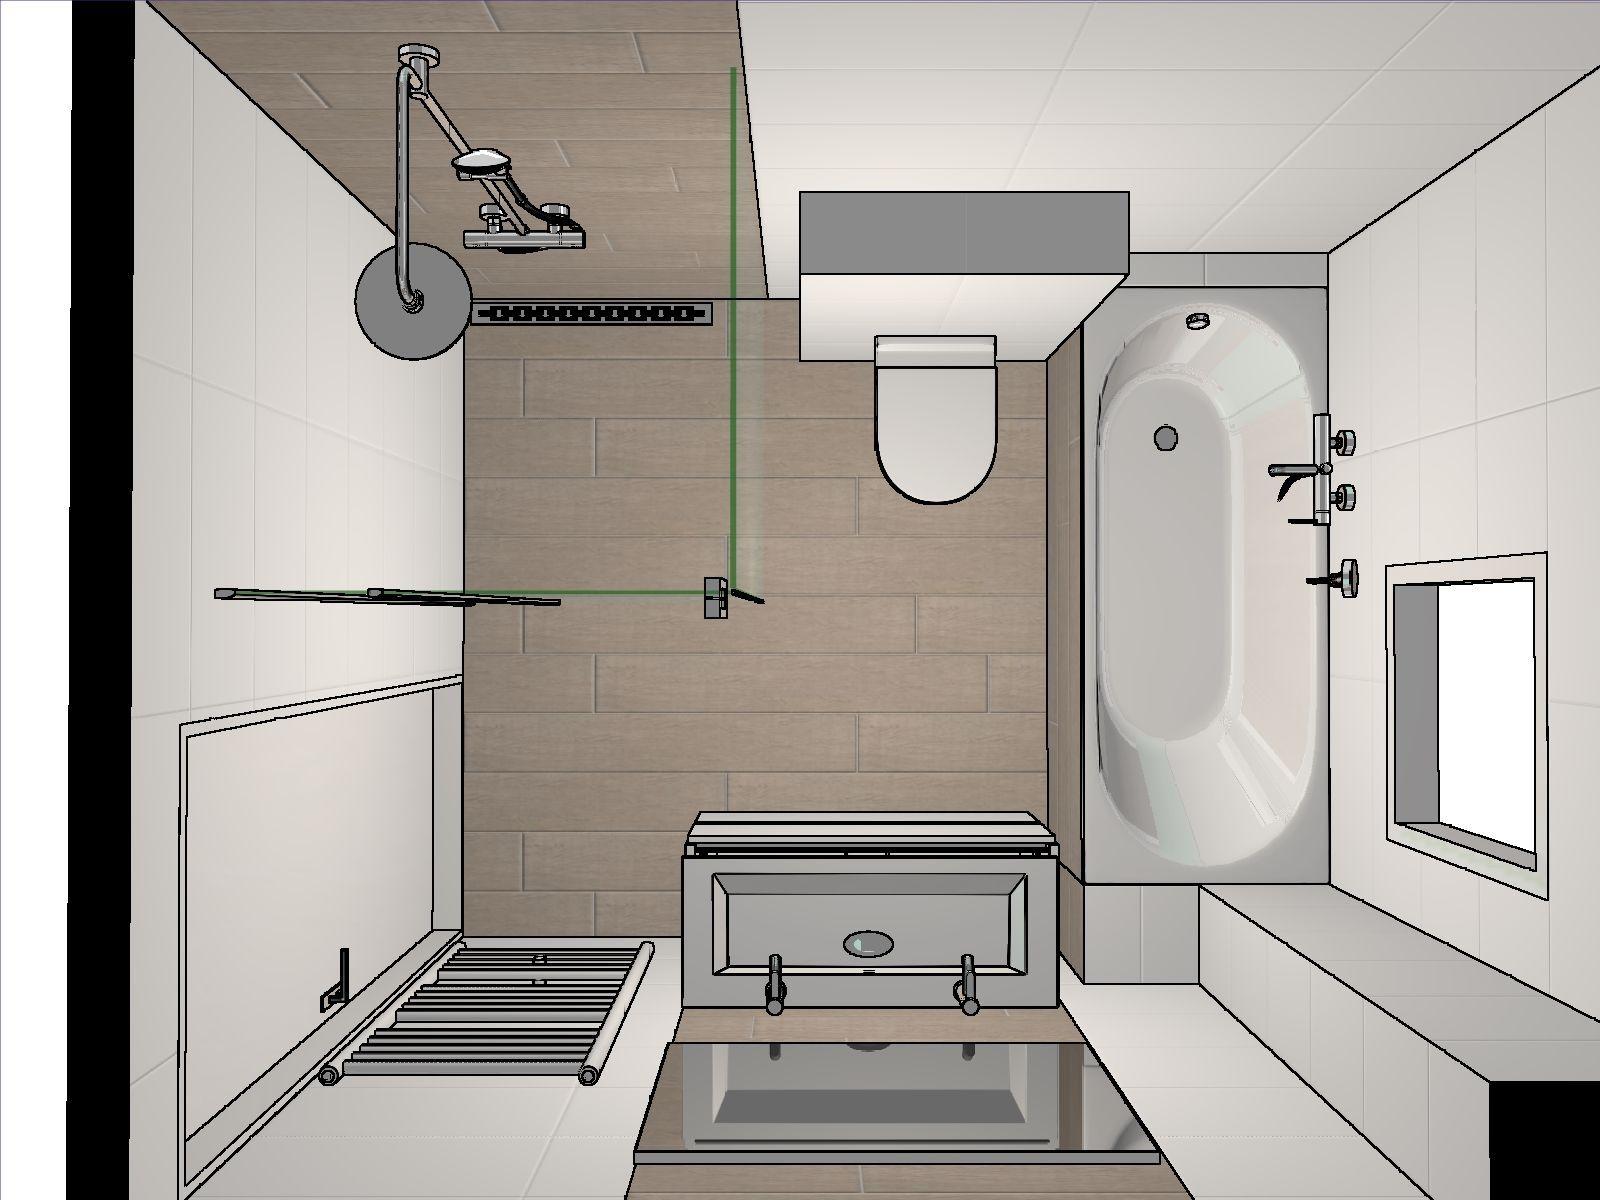 Bad 260x207 Fordern Sie Ein Kostenloses 3d Design Fur Ihr Bad Oder Ihre Toilette An Roos Sanidump Nl In 2020 Badezimmer Renovieren Badezimmer Planen Badezimmer Umbau